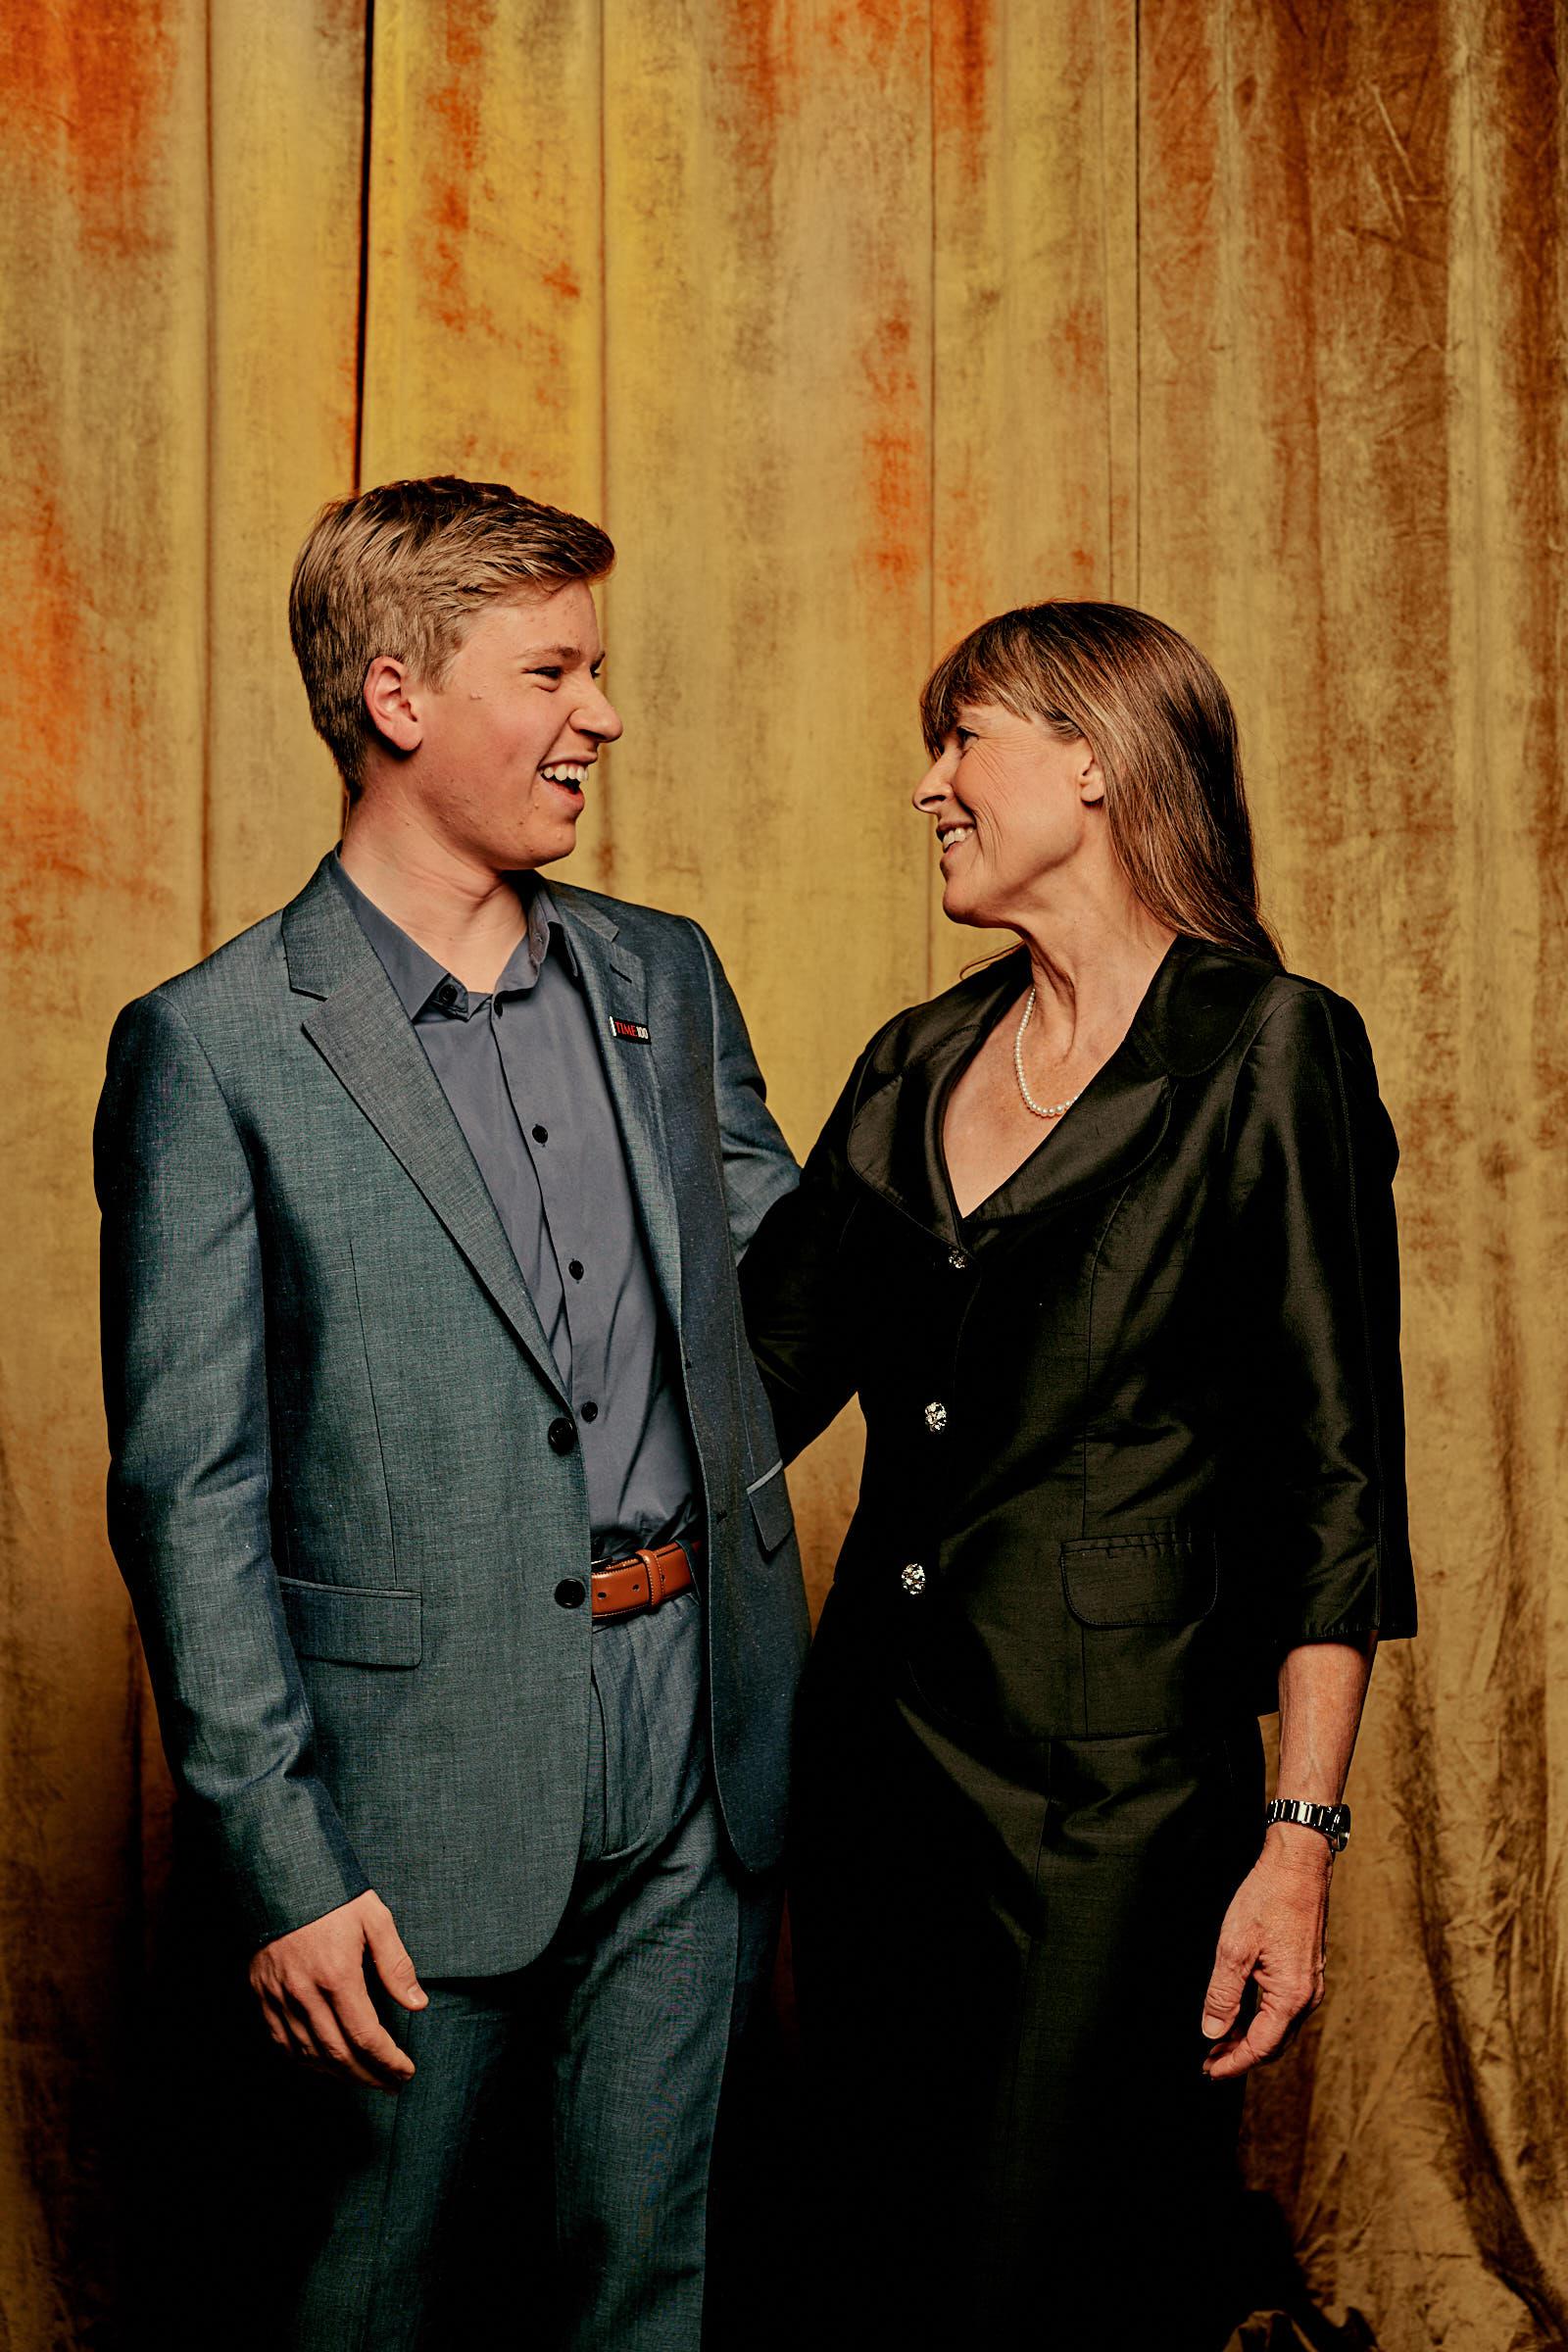 Robert and Terri Irwin